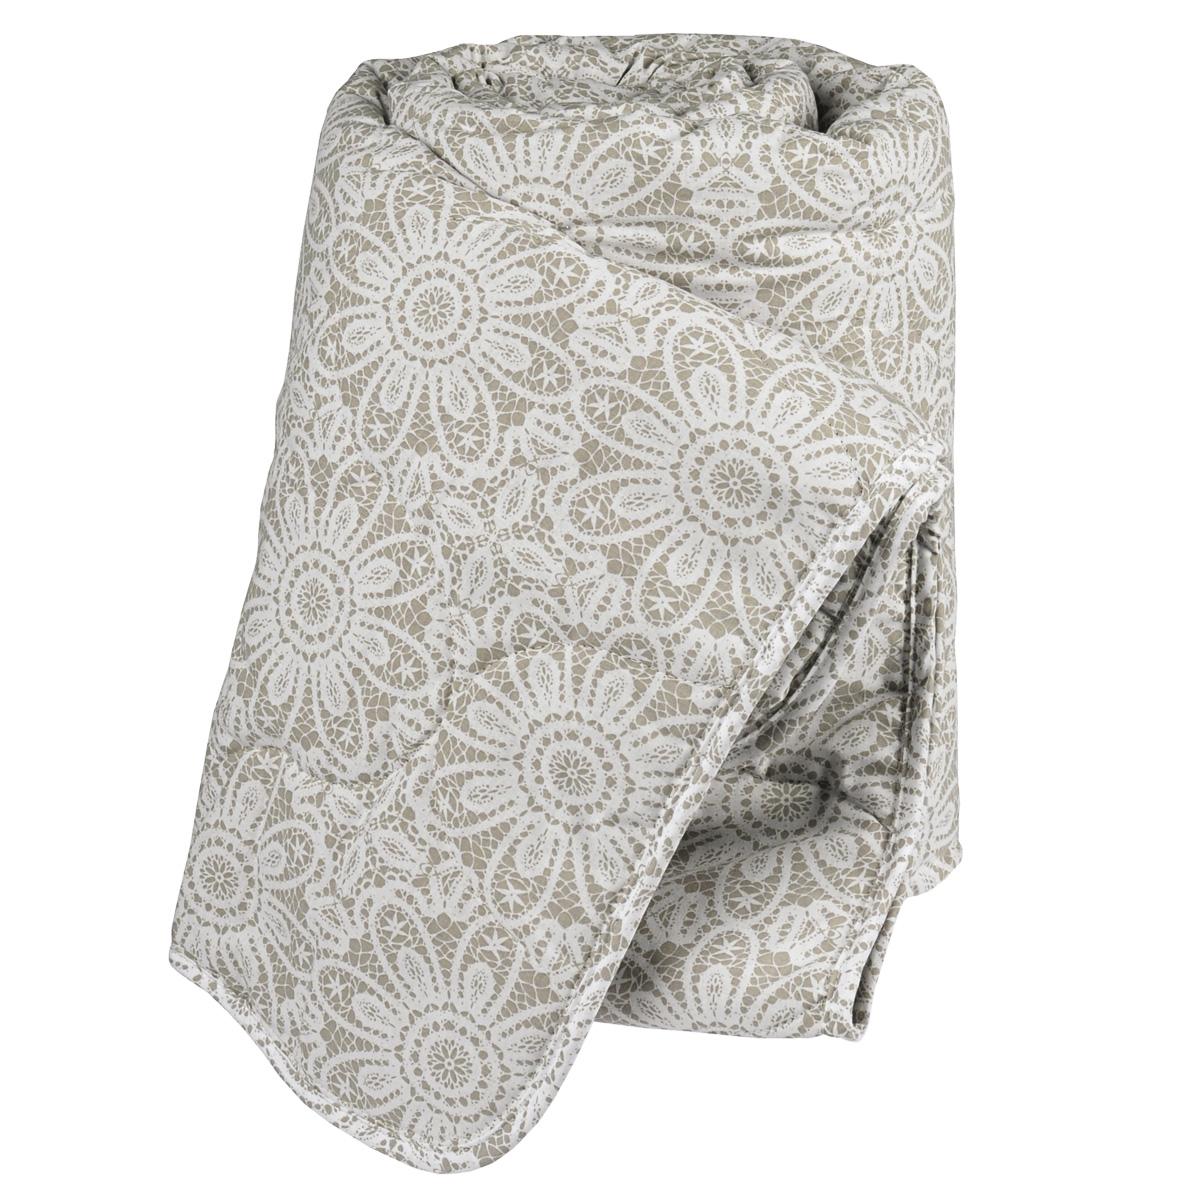 """Мягкое и комфортное одеяло Green Line """"Лен"""" подарит вам незабываемое чувство уюта и умиротворения.  Чехол выполнен из чистого хлопка. Одеяло поможет создать максимально удобные и благоприятные условия для сладкого сна. Преимущества льняного наполнителя:  - имеет эффект """"активного дыхания"""",  - природный антисептик,  - холодит в жару и согревает в холод.  Лен полезен для здоровья, обладает положительной энергетикой.   Не стирать, не гладить.  Размер: 172 см х 205 см. Материал верха: 100% хлопок.   Наполнитель: 90% льняное волокно, 10% полиэстер. Масса наполнителя: 300 г/м2."""